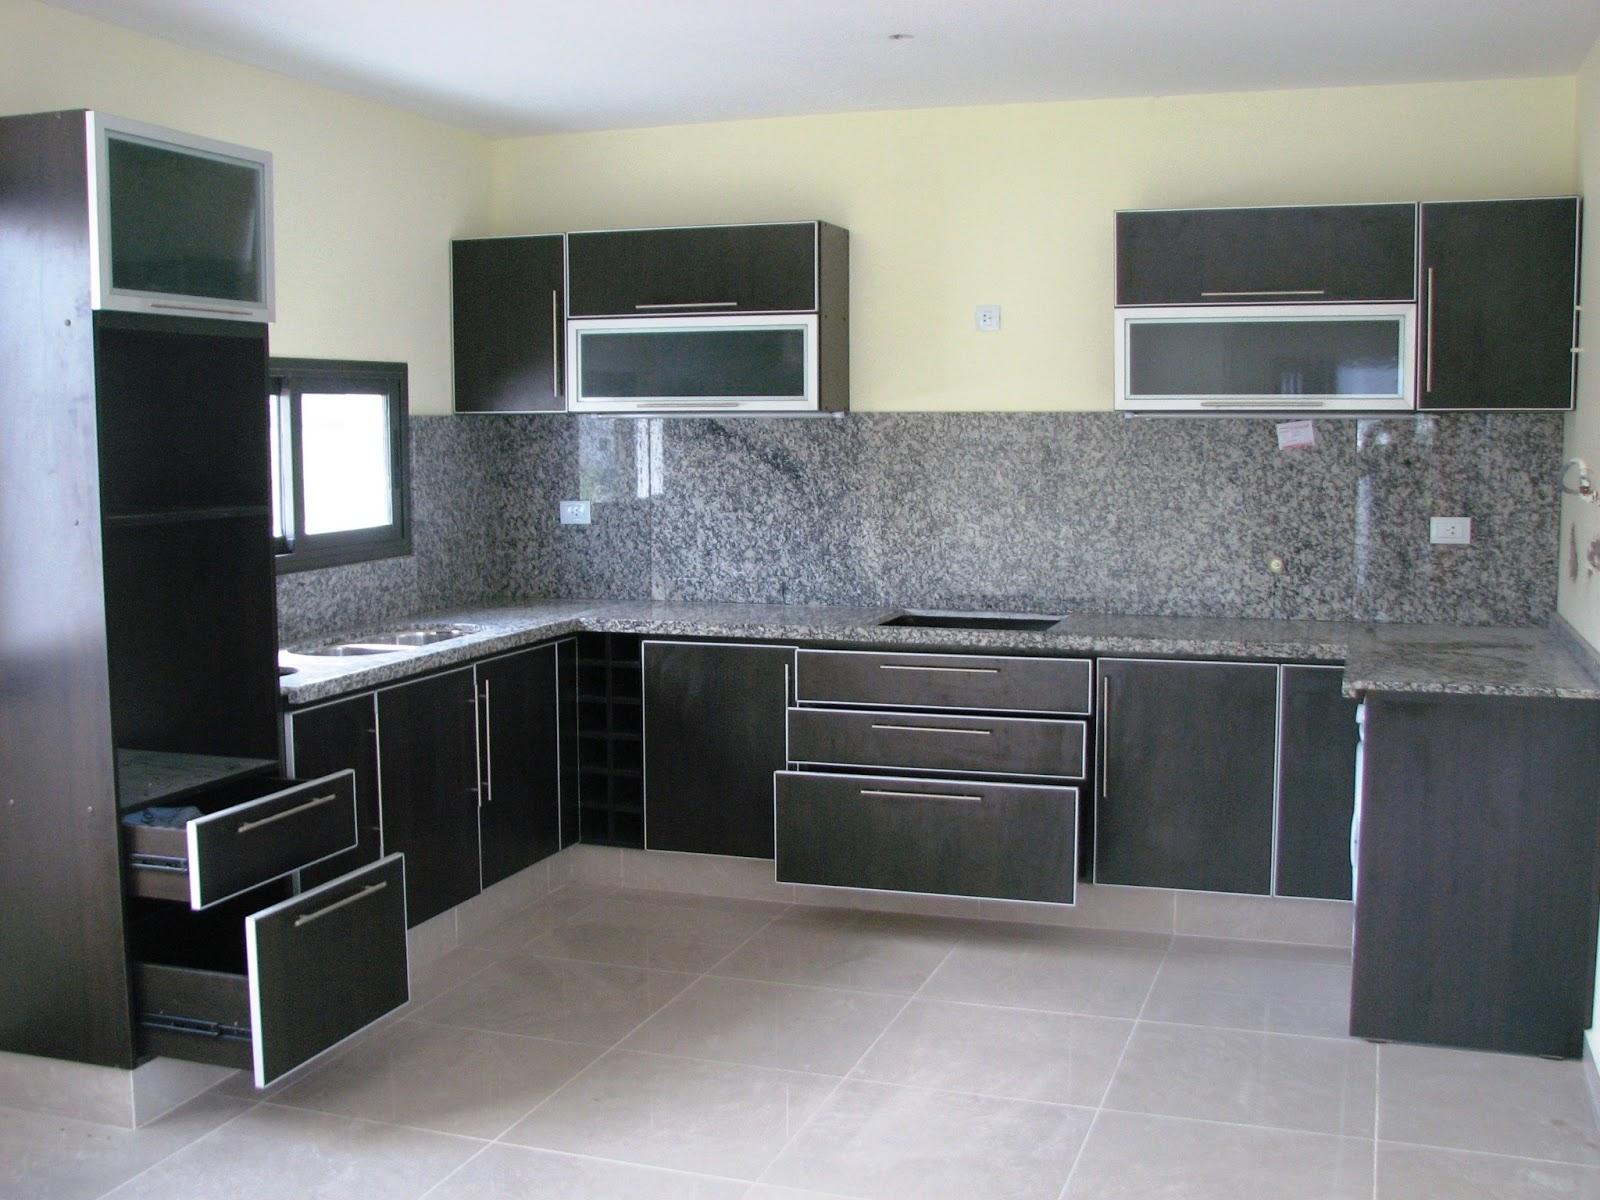 Hacer muebles cocina mdf for Cocinas integrales en aluminio